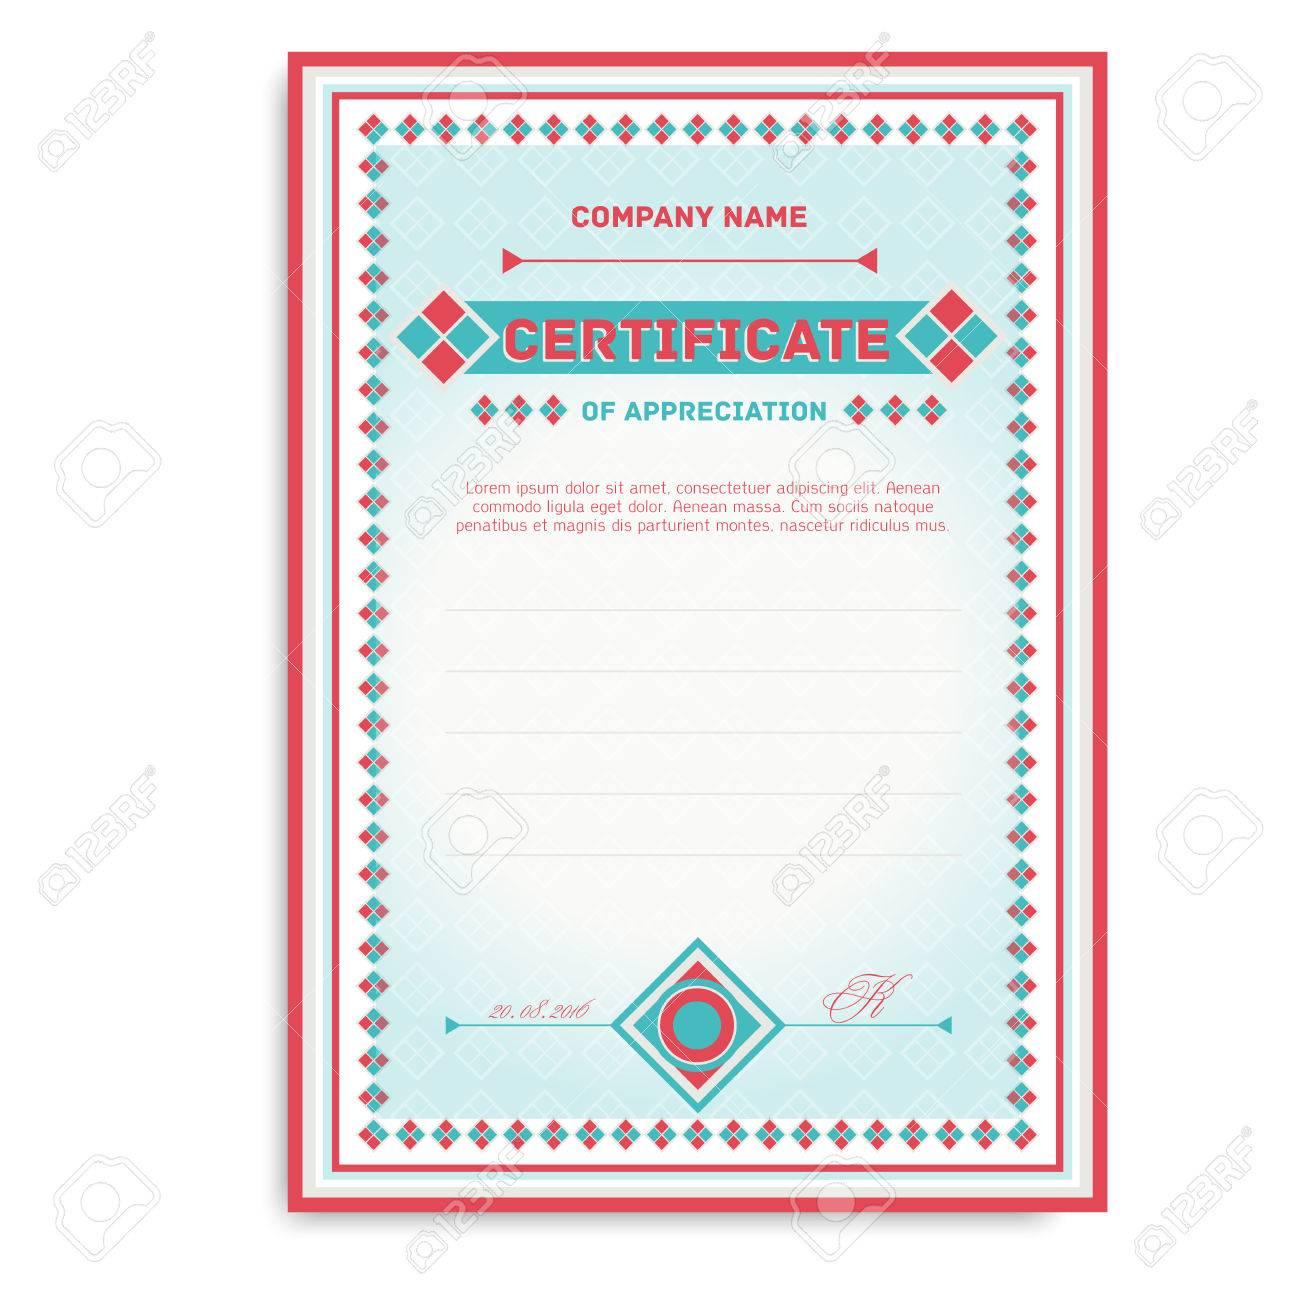 Vorlage Zertifikate In Sanften Farben Mit Einem Ornament Für Die ...